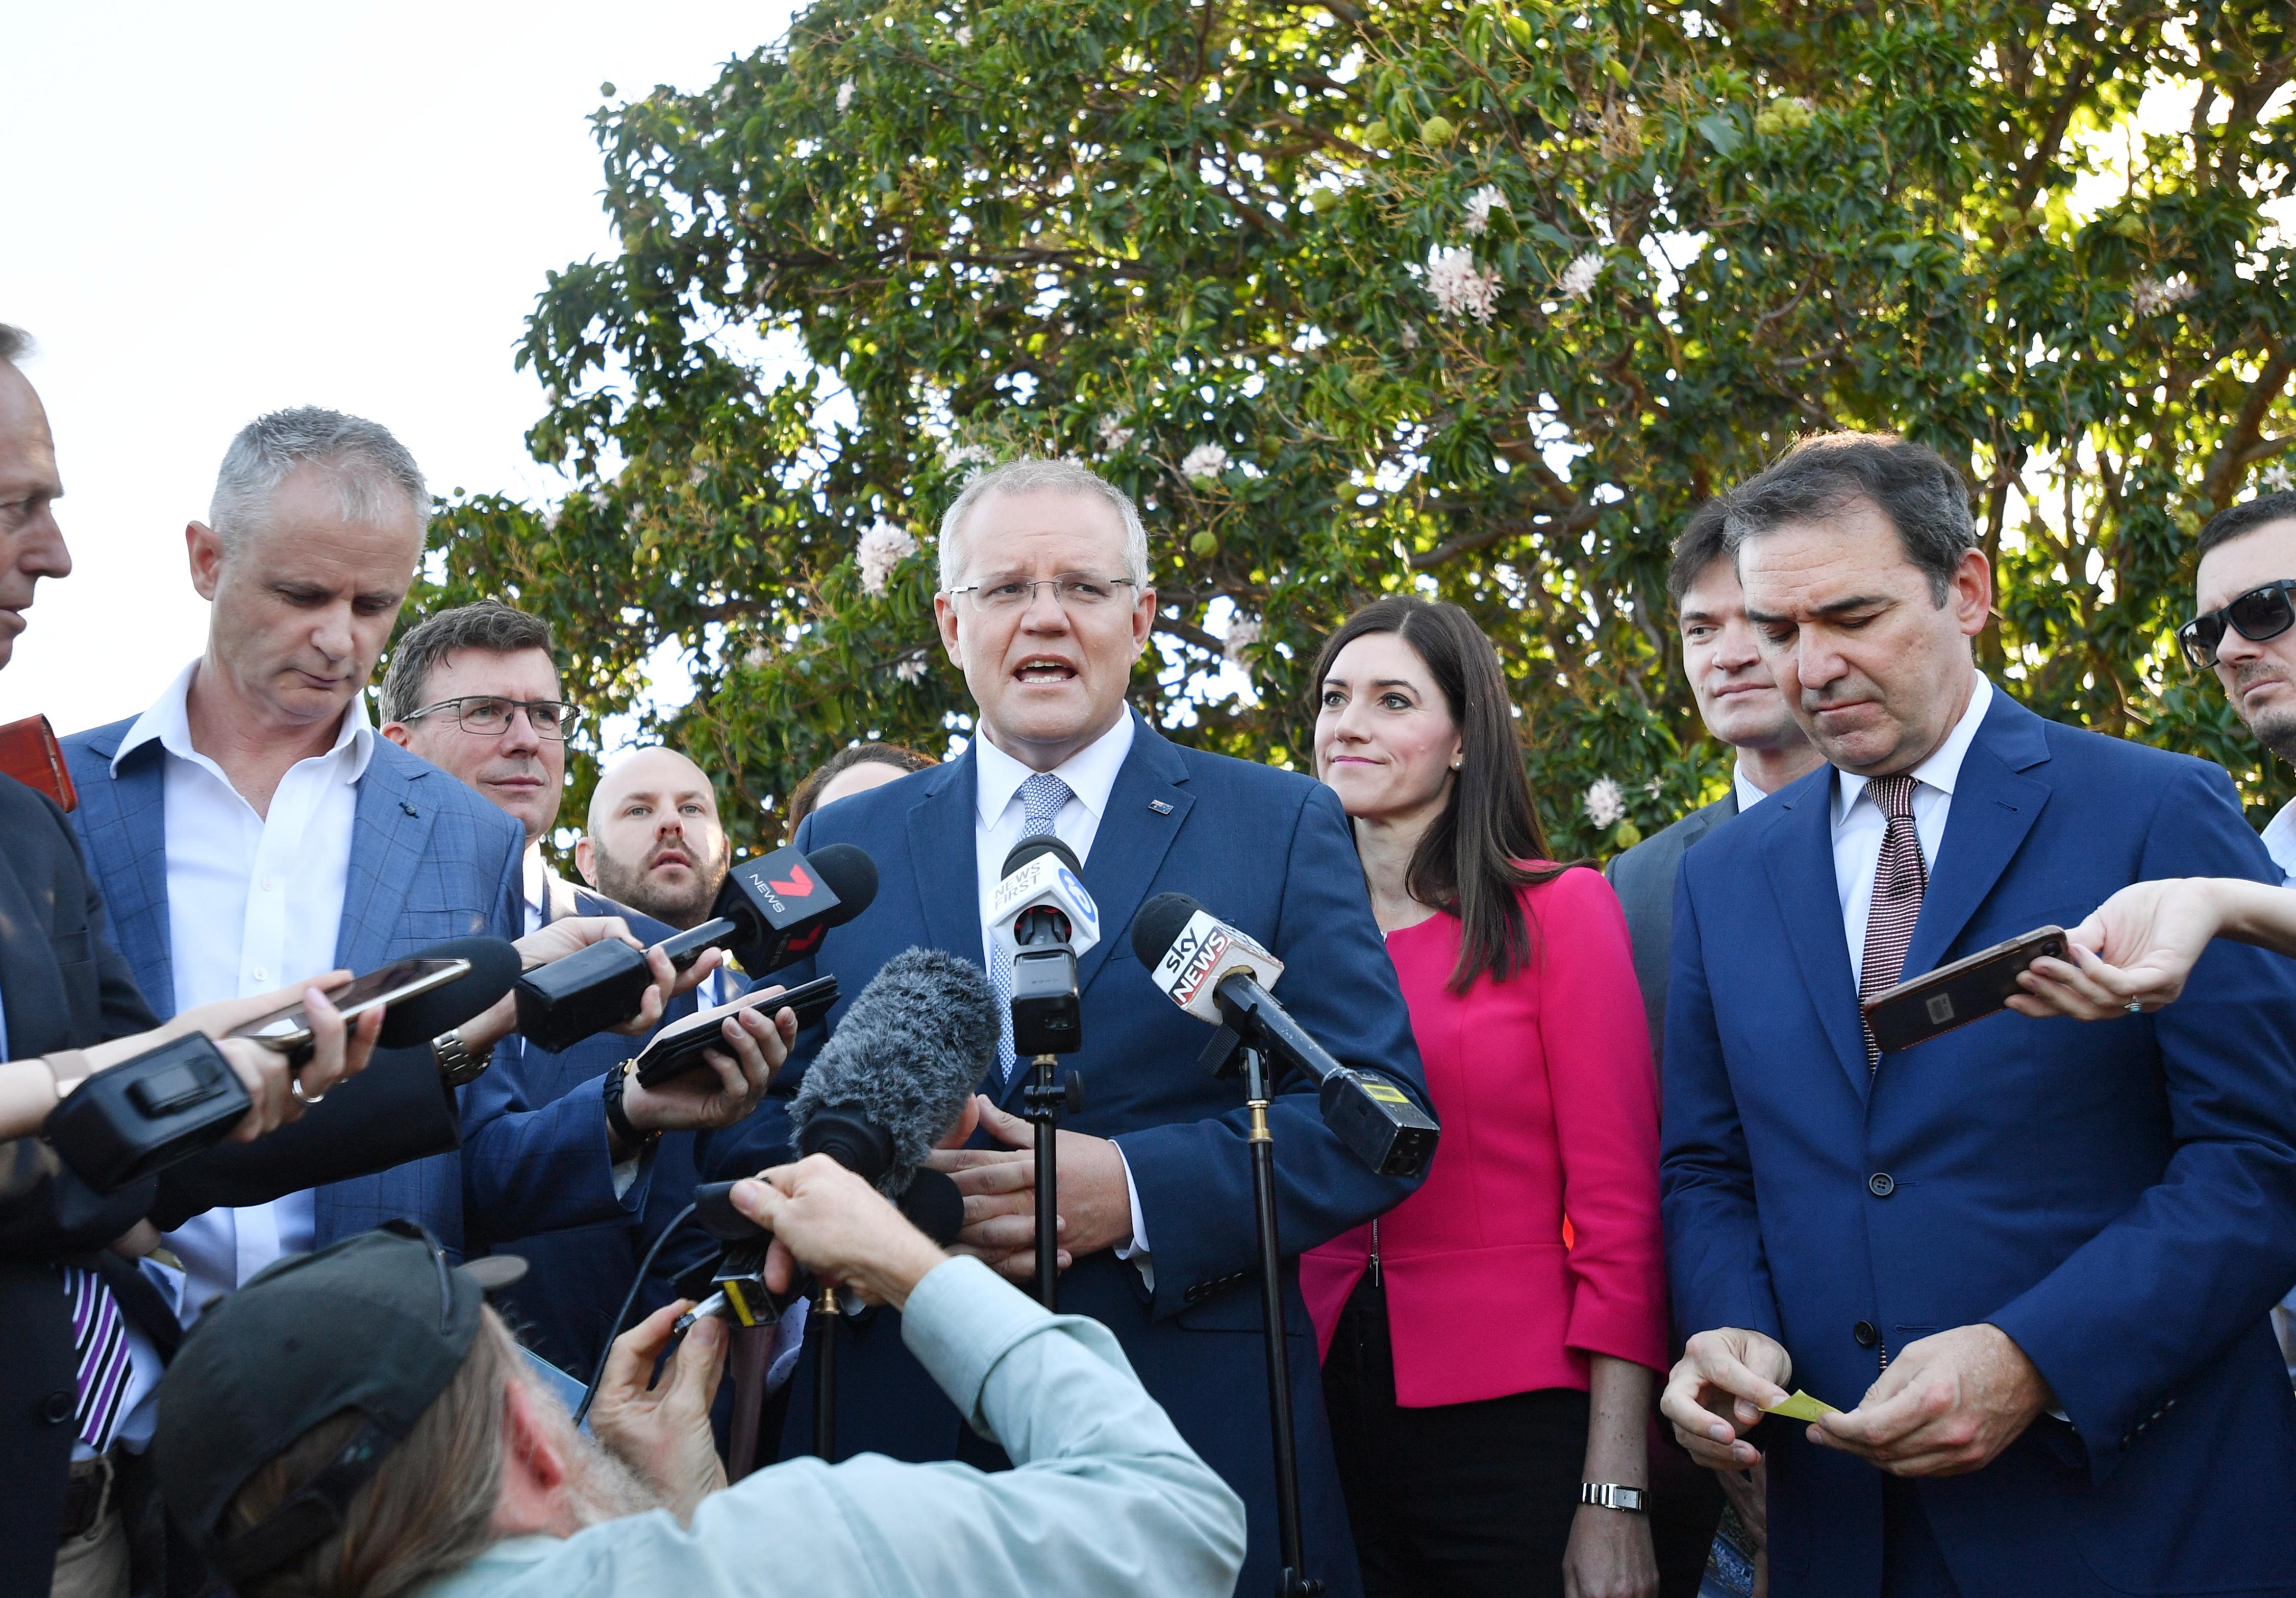 Australian Prime Minister Scott Morrison (C) speaks in Adelaide on 19 March